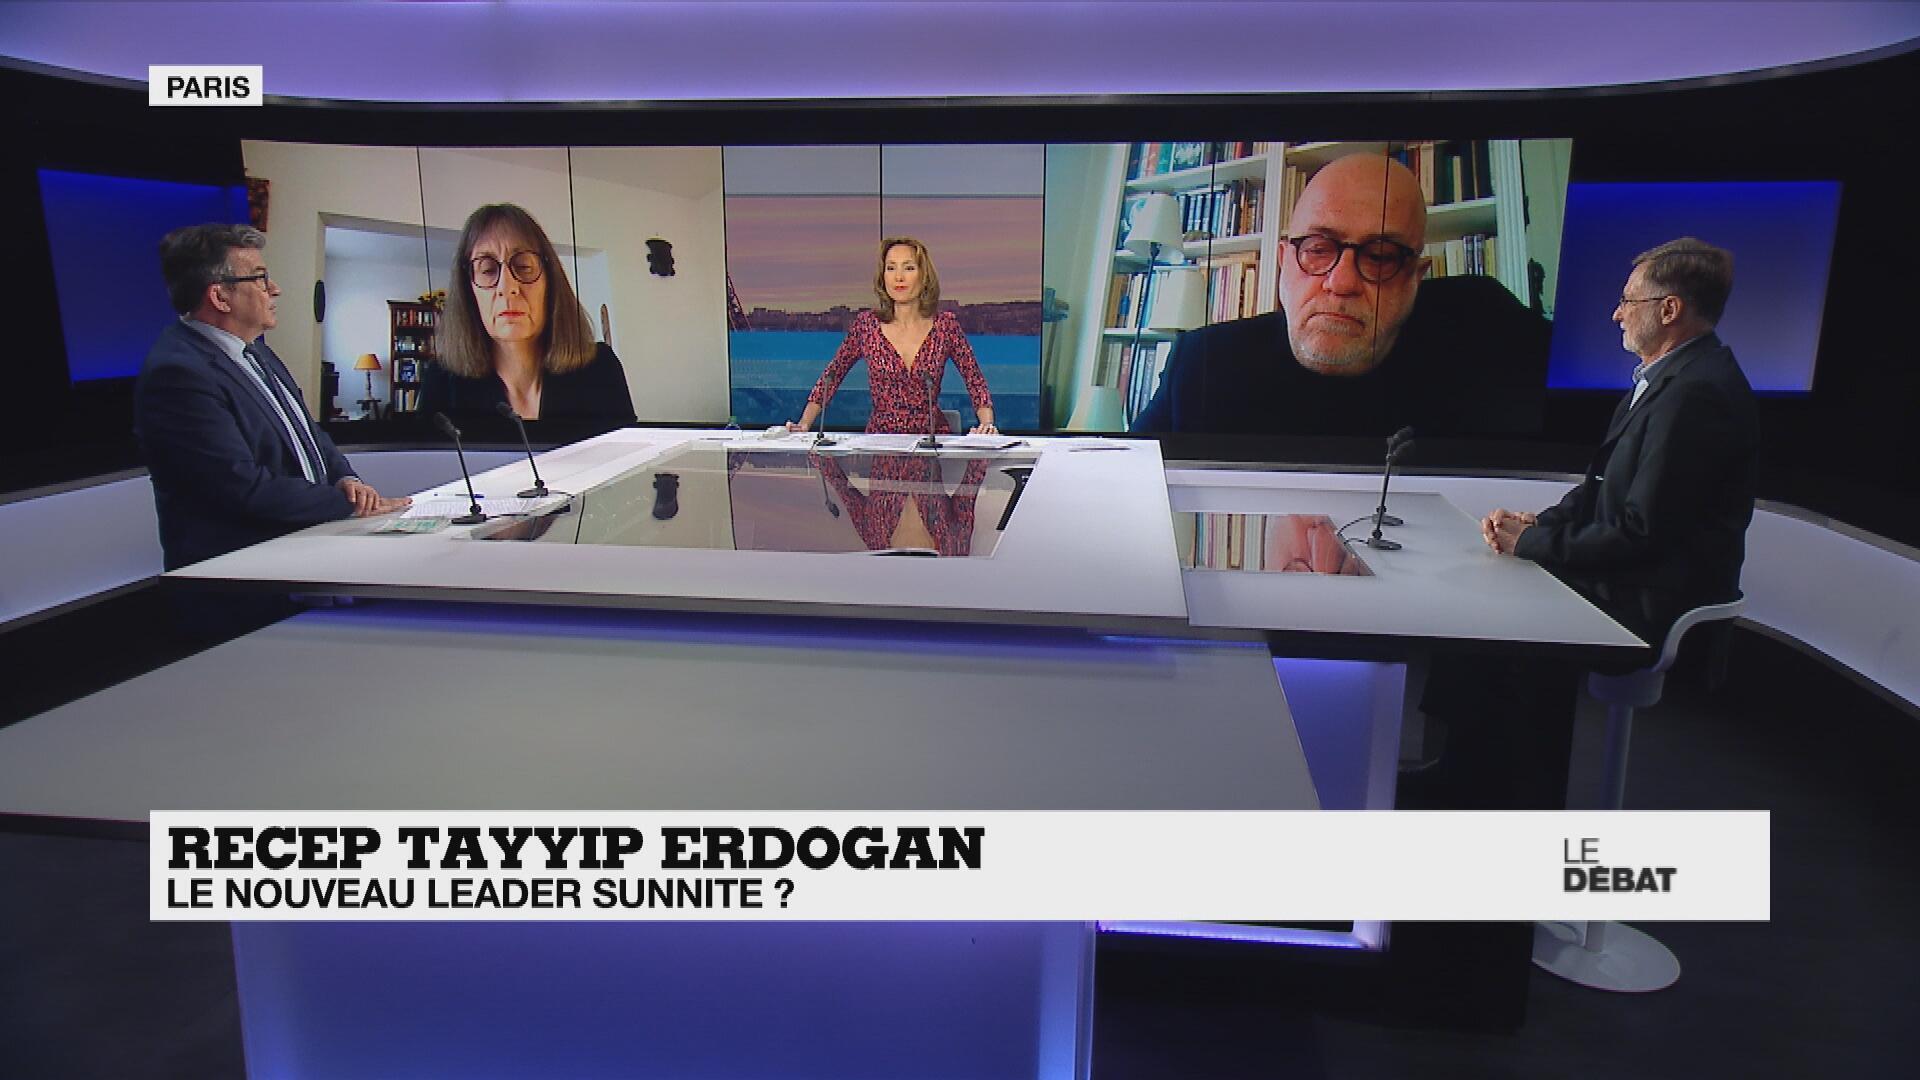 Le Débat de France 24 - lundi 26 avril 2021